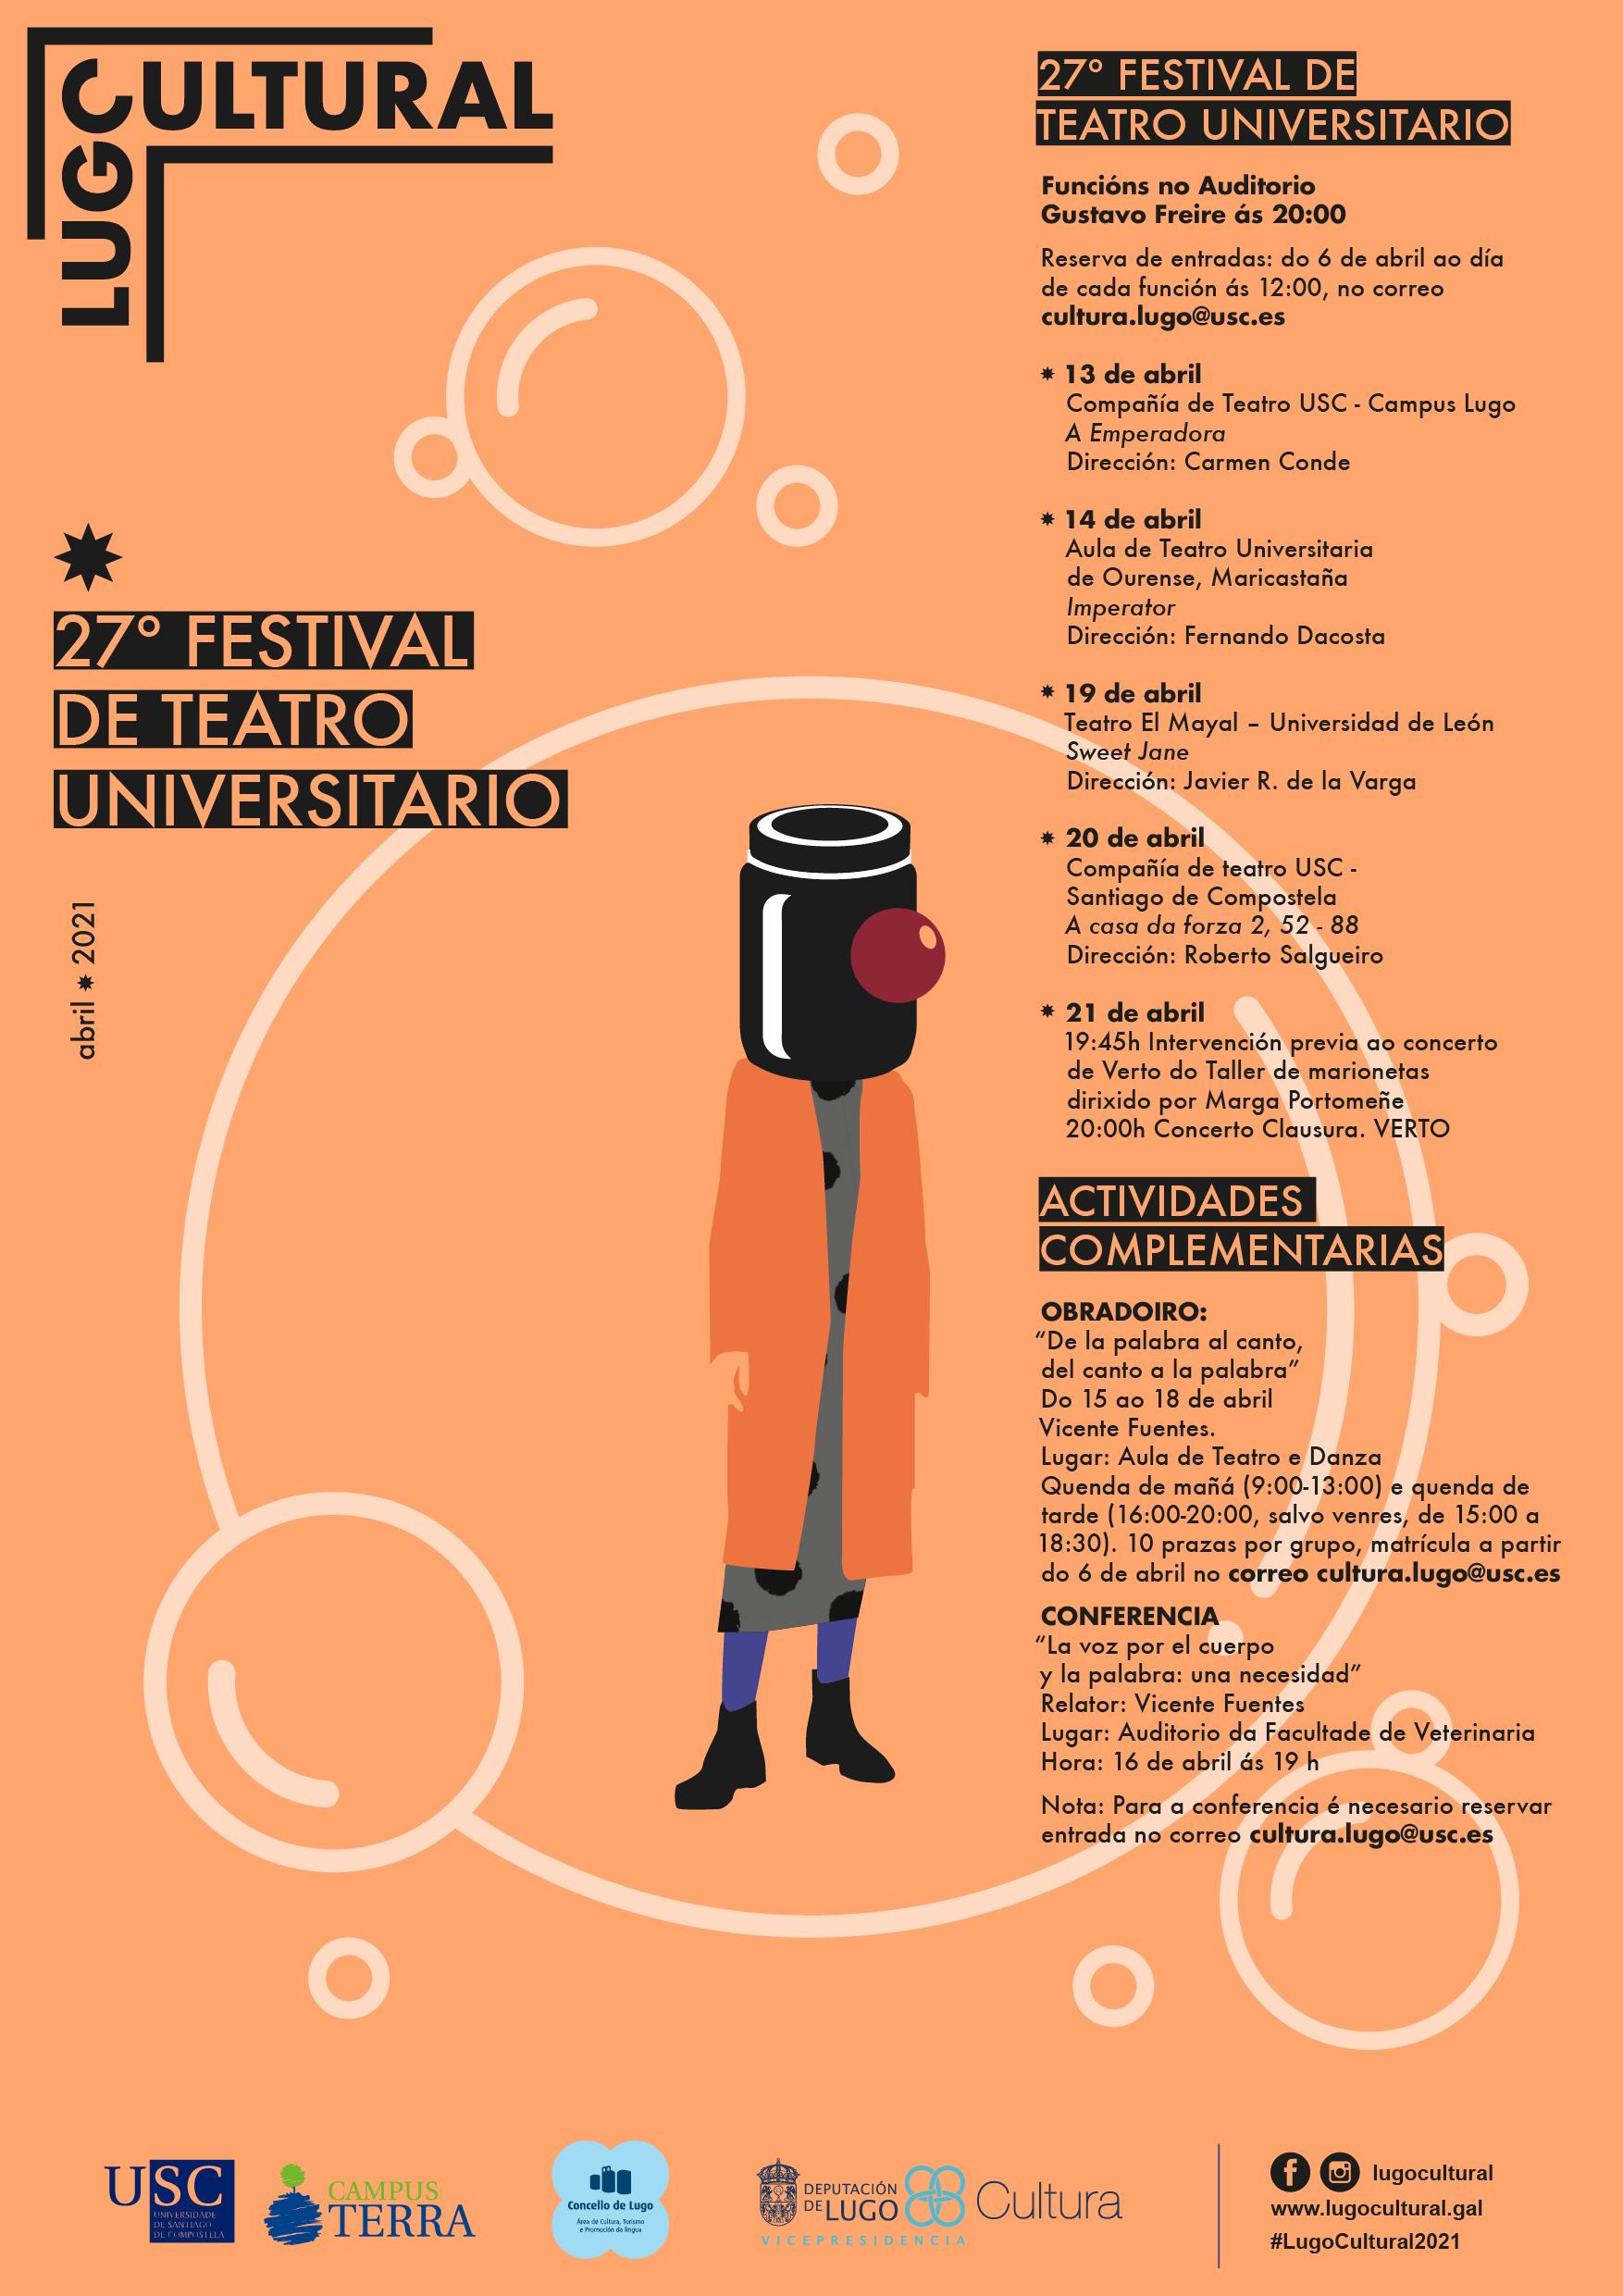 27º Festival de Teatro Universitario